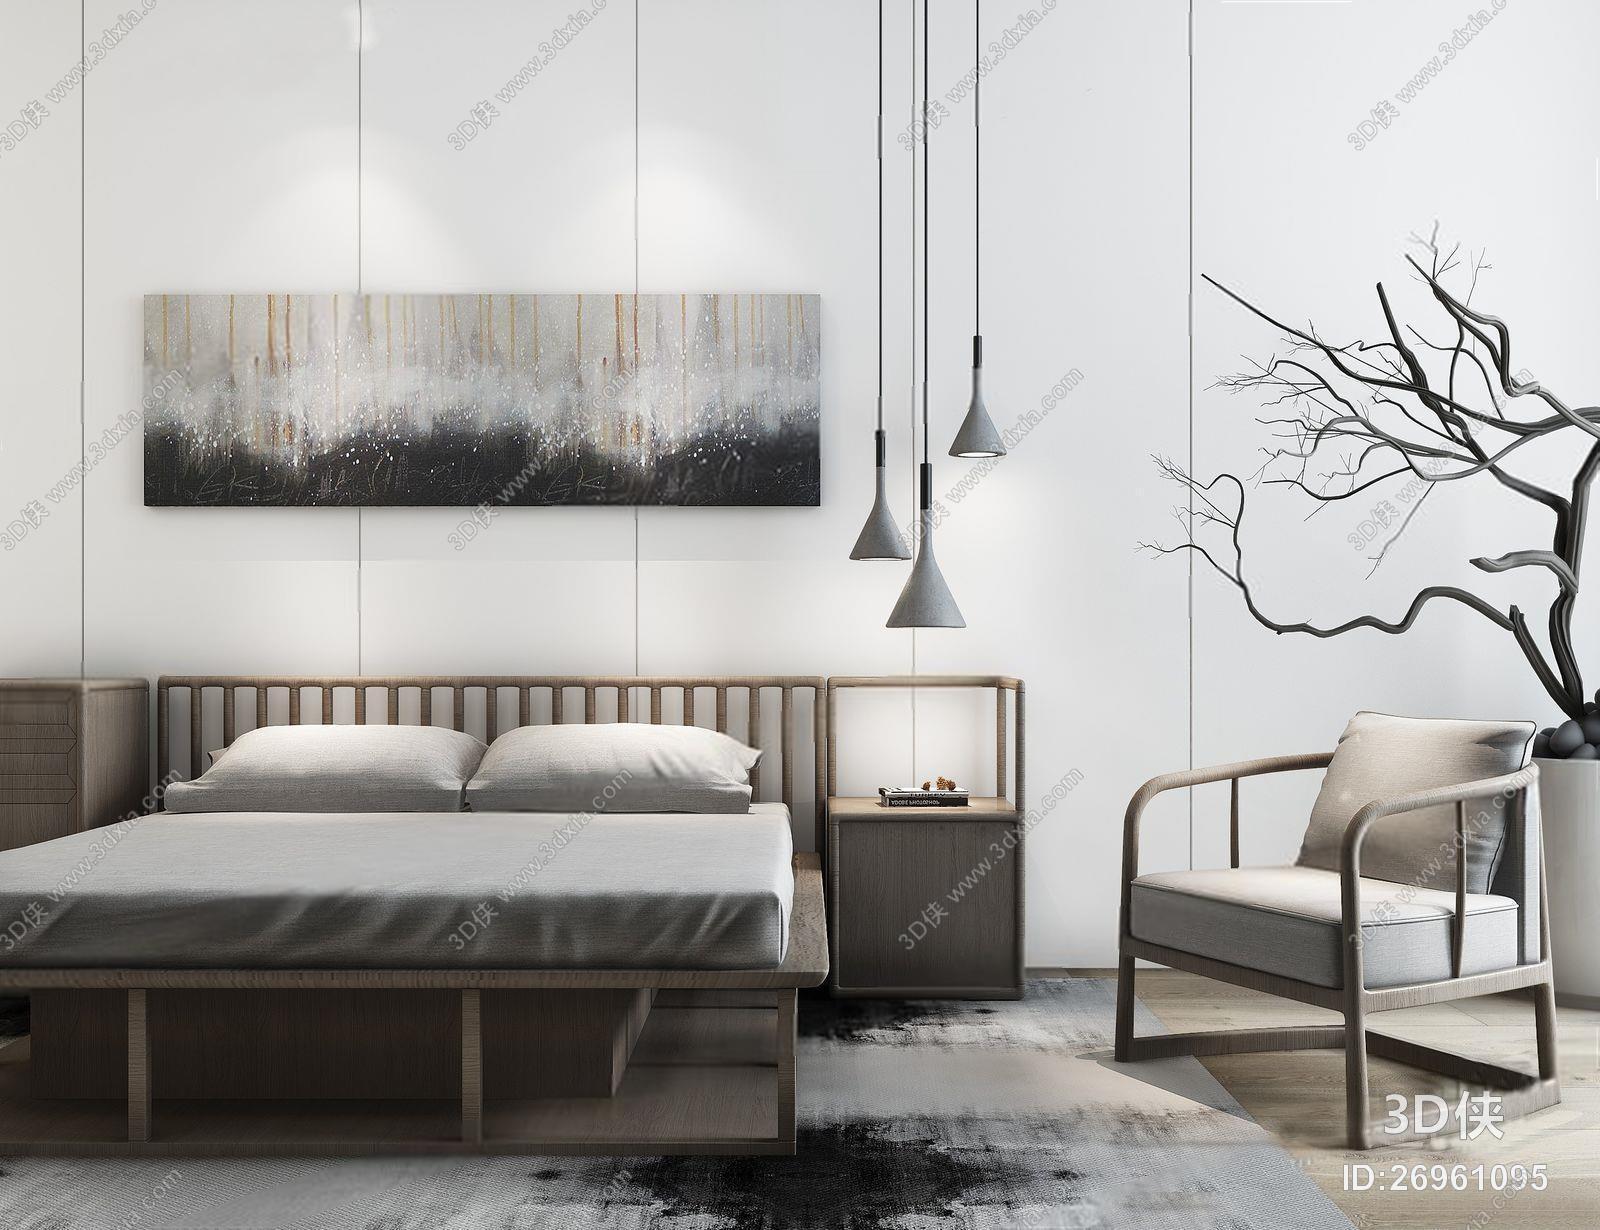 新中式床具 新中式床具 挂画 吊灯 单人沙发 干支 地毯 床头柜